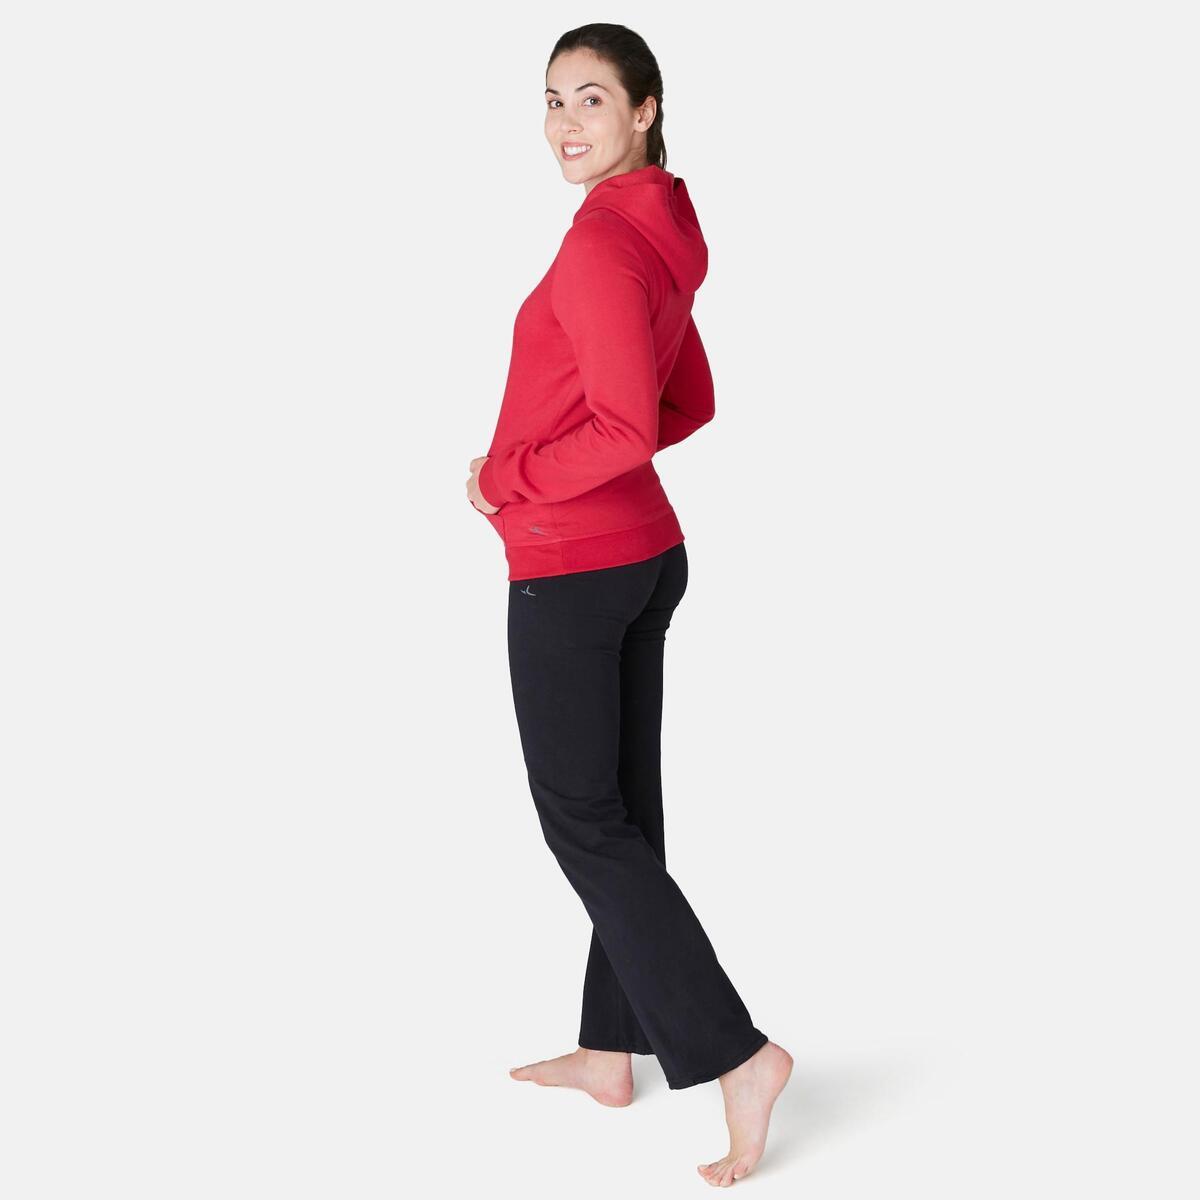 Bild 4 von Kapuzenpullover 520 Pilates sanfte Gymnastik Damen rot